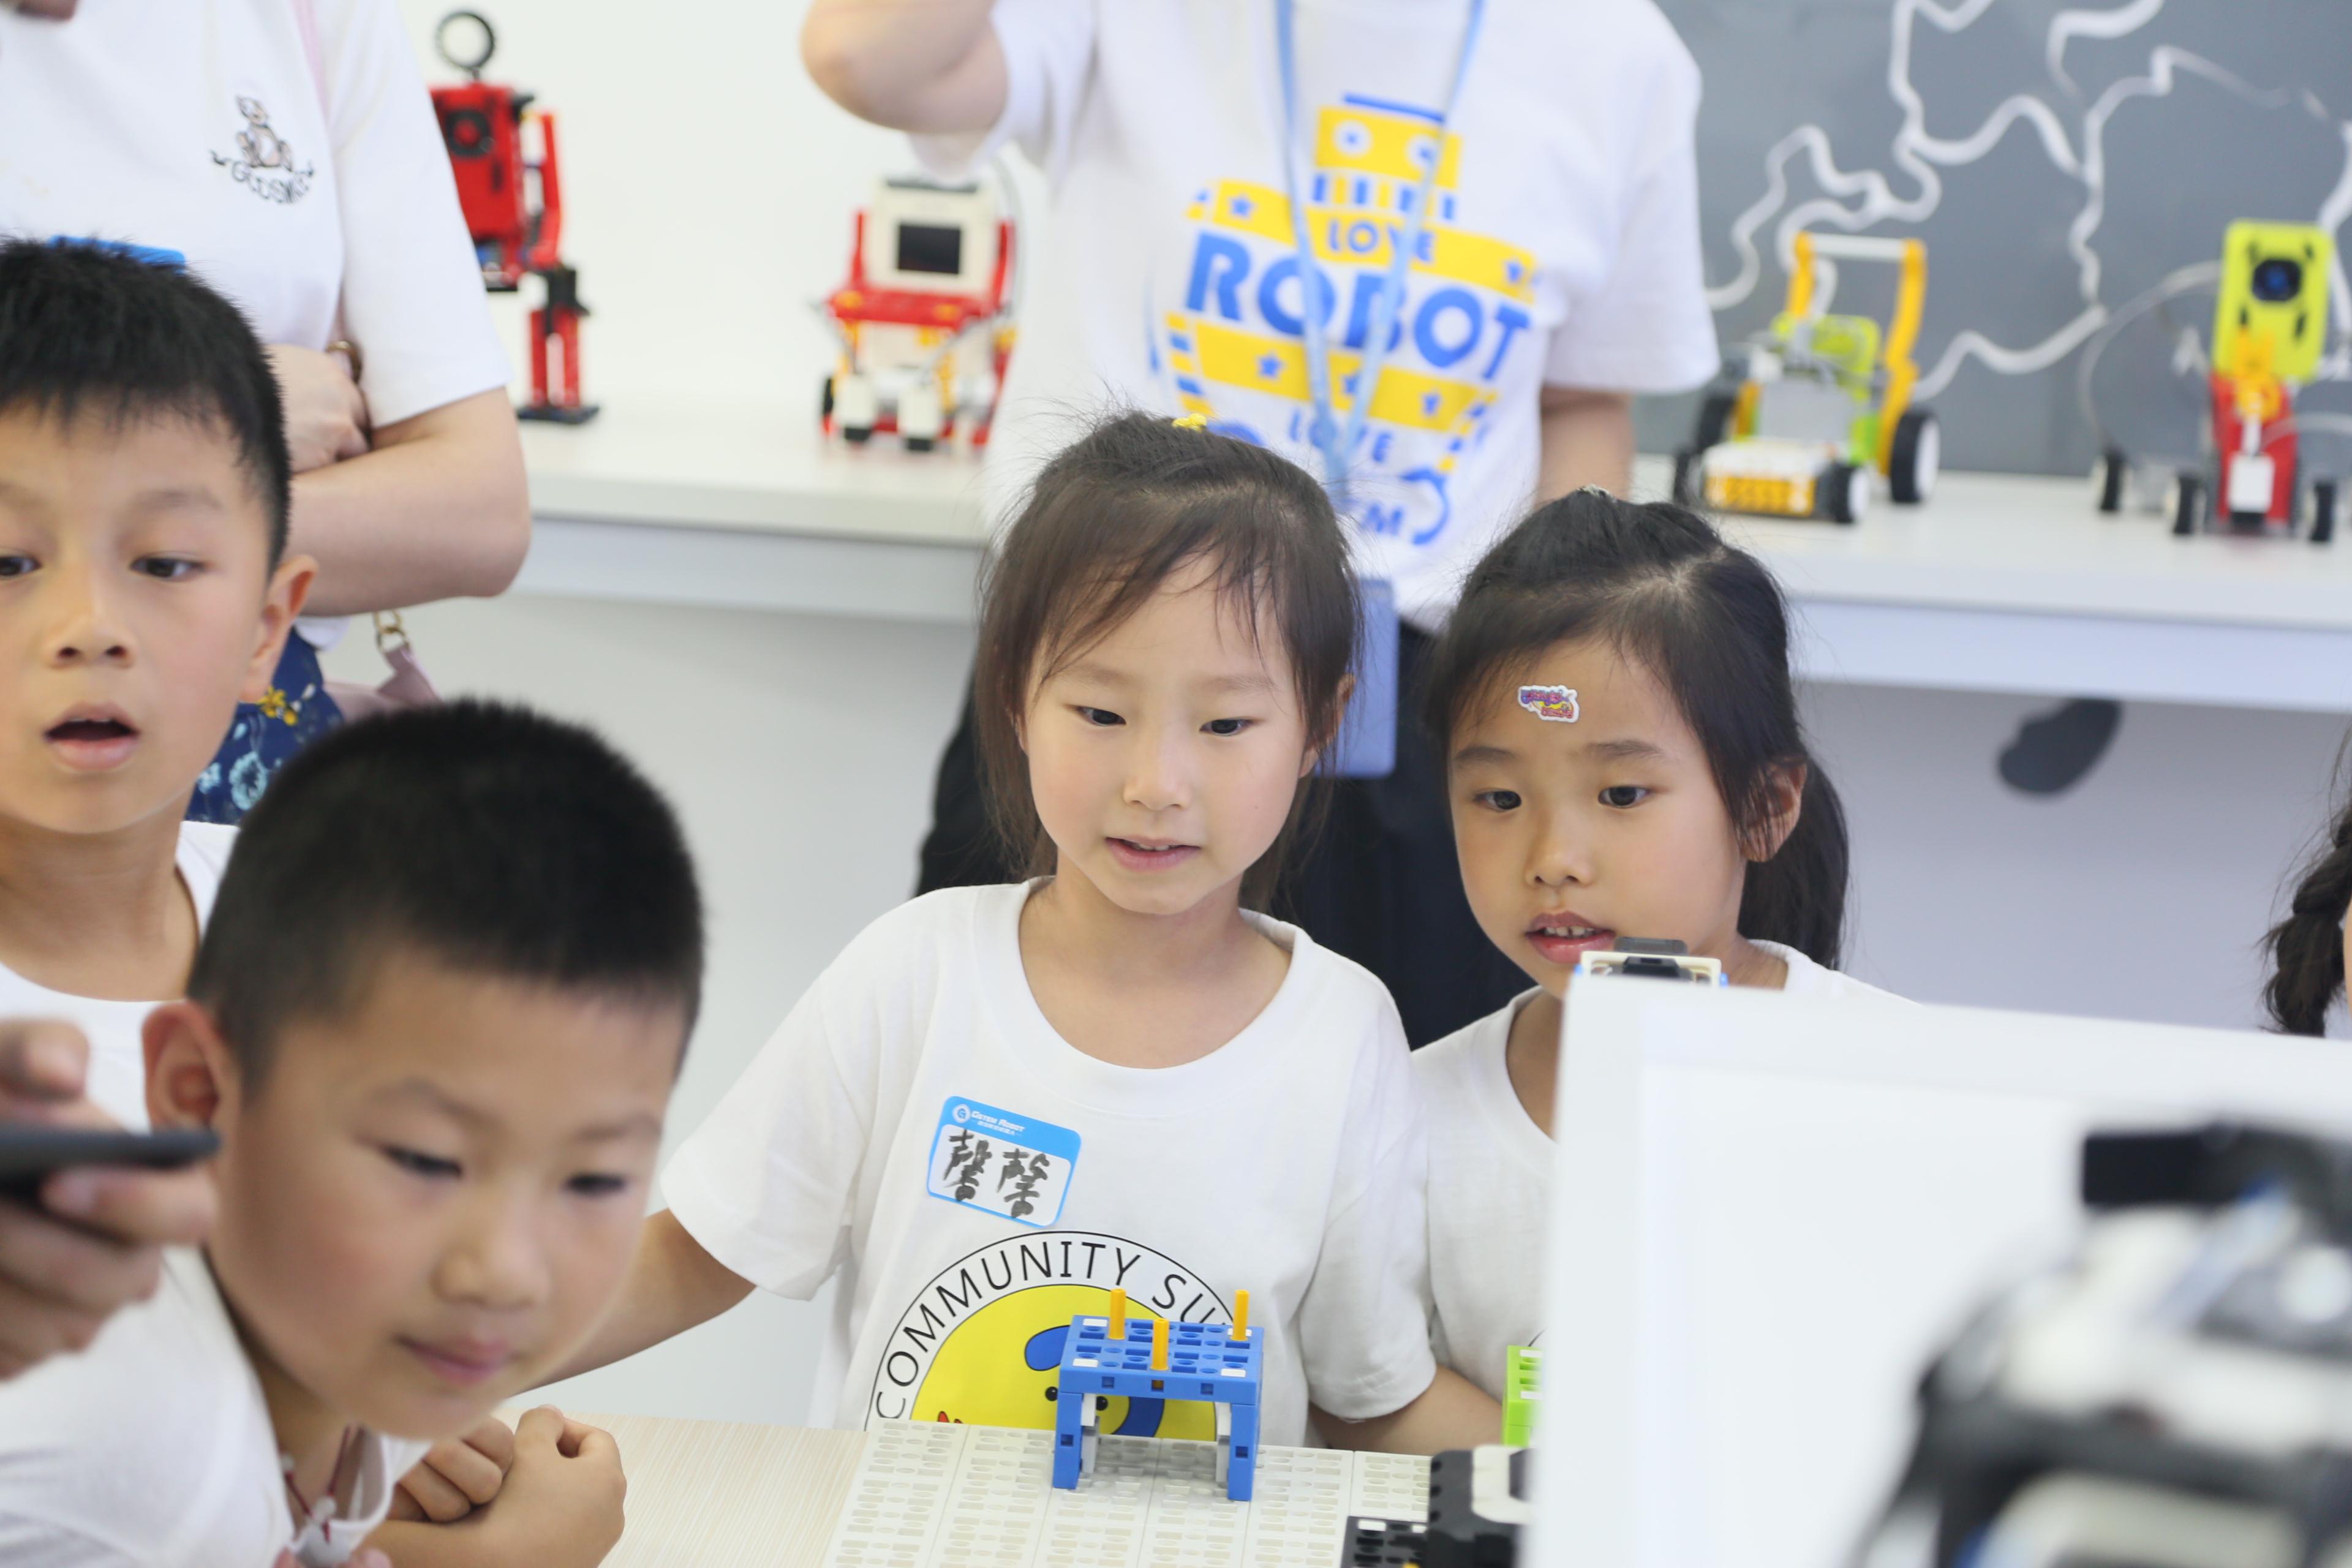 人工智能技术将在教育领域起着重要的作用